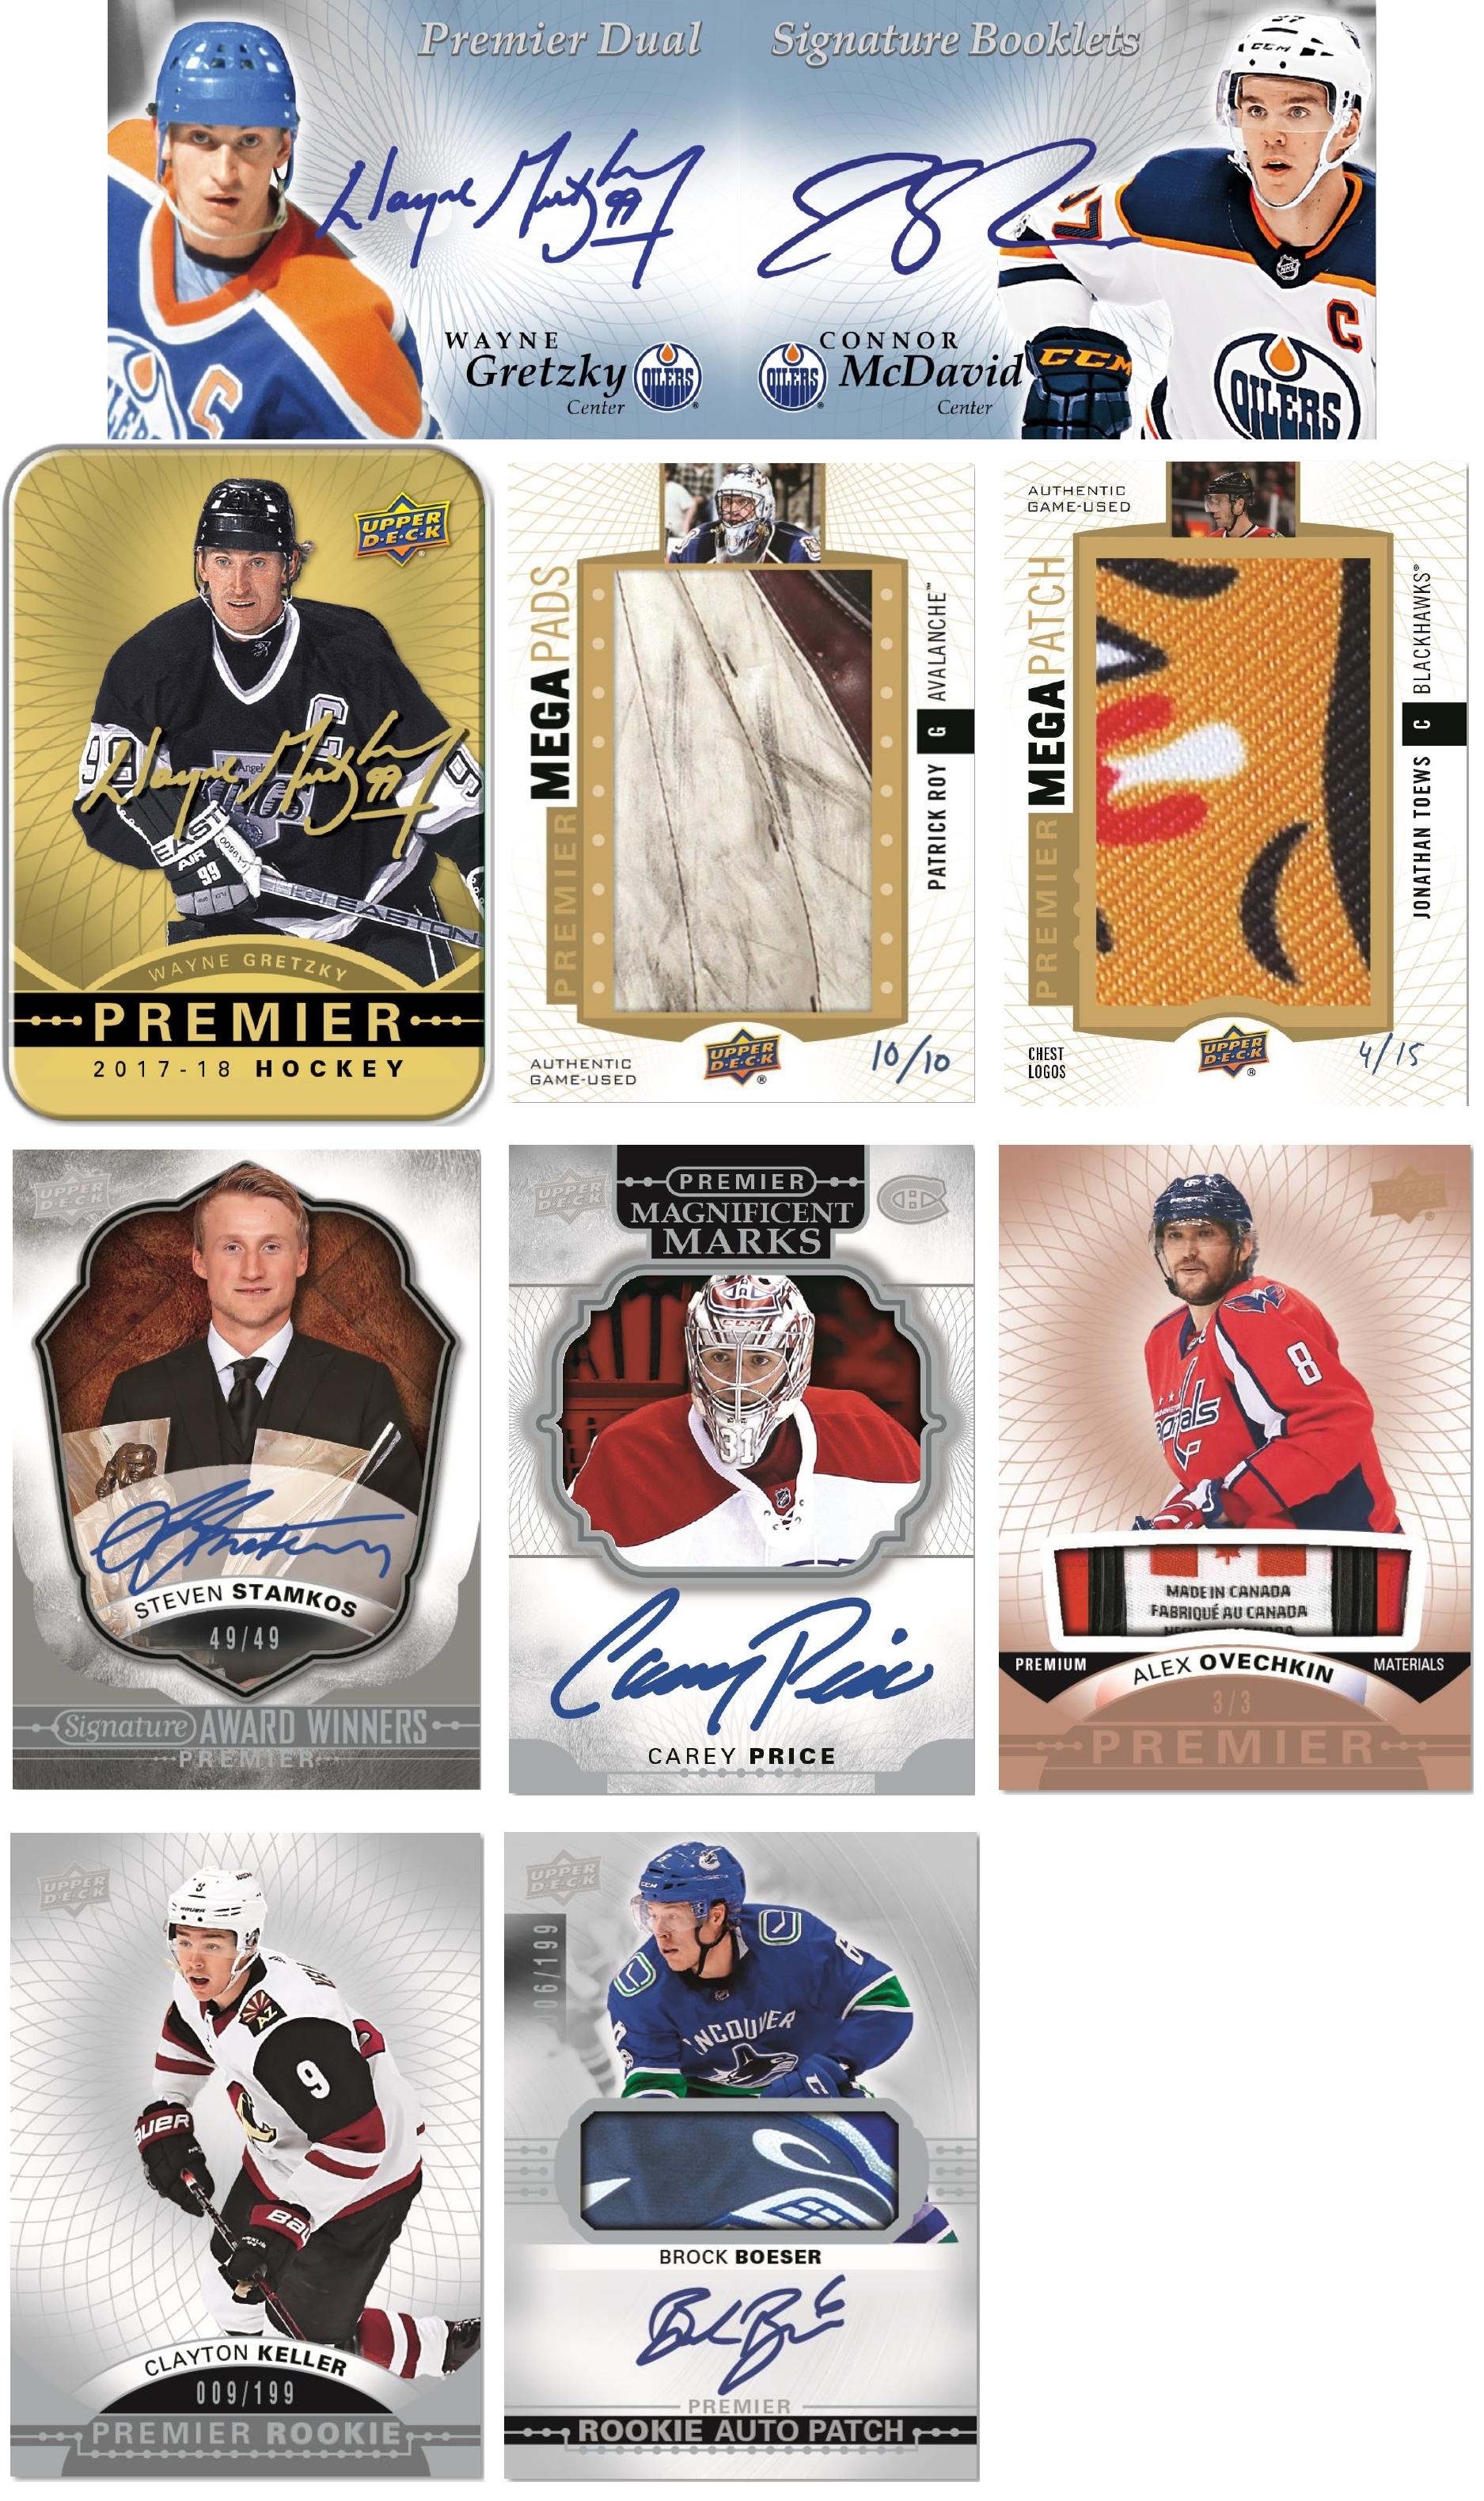 fd62cd4bdde 17/18 UD Premier Hockey – Pricing on Ebay · Hottest Cards on Ebay Here